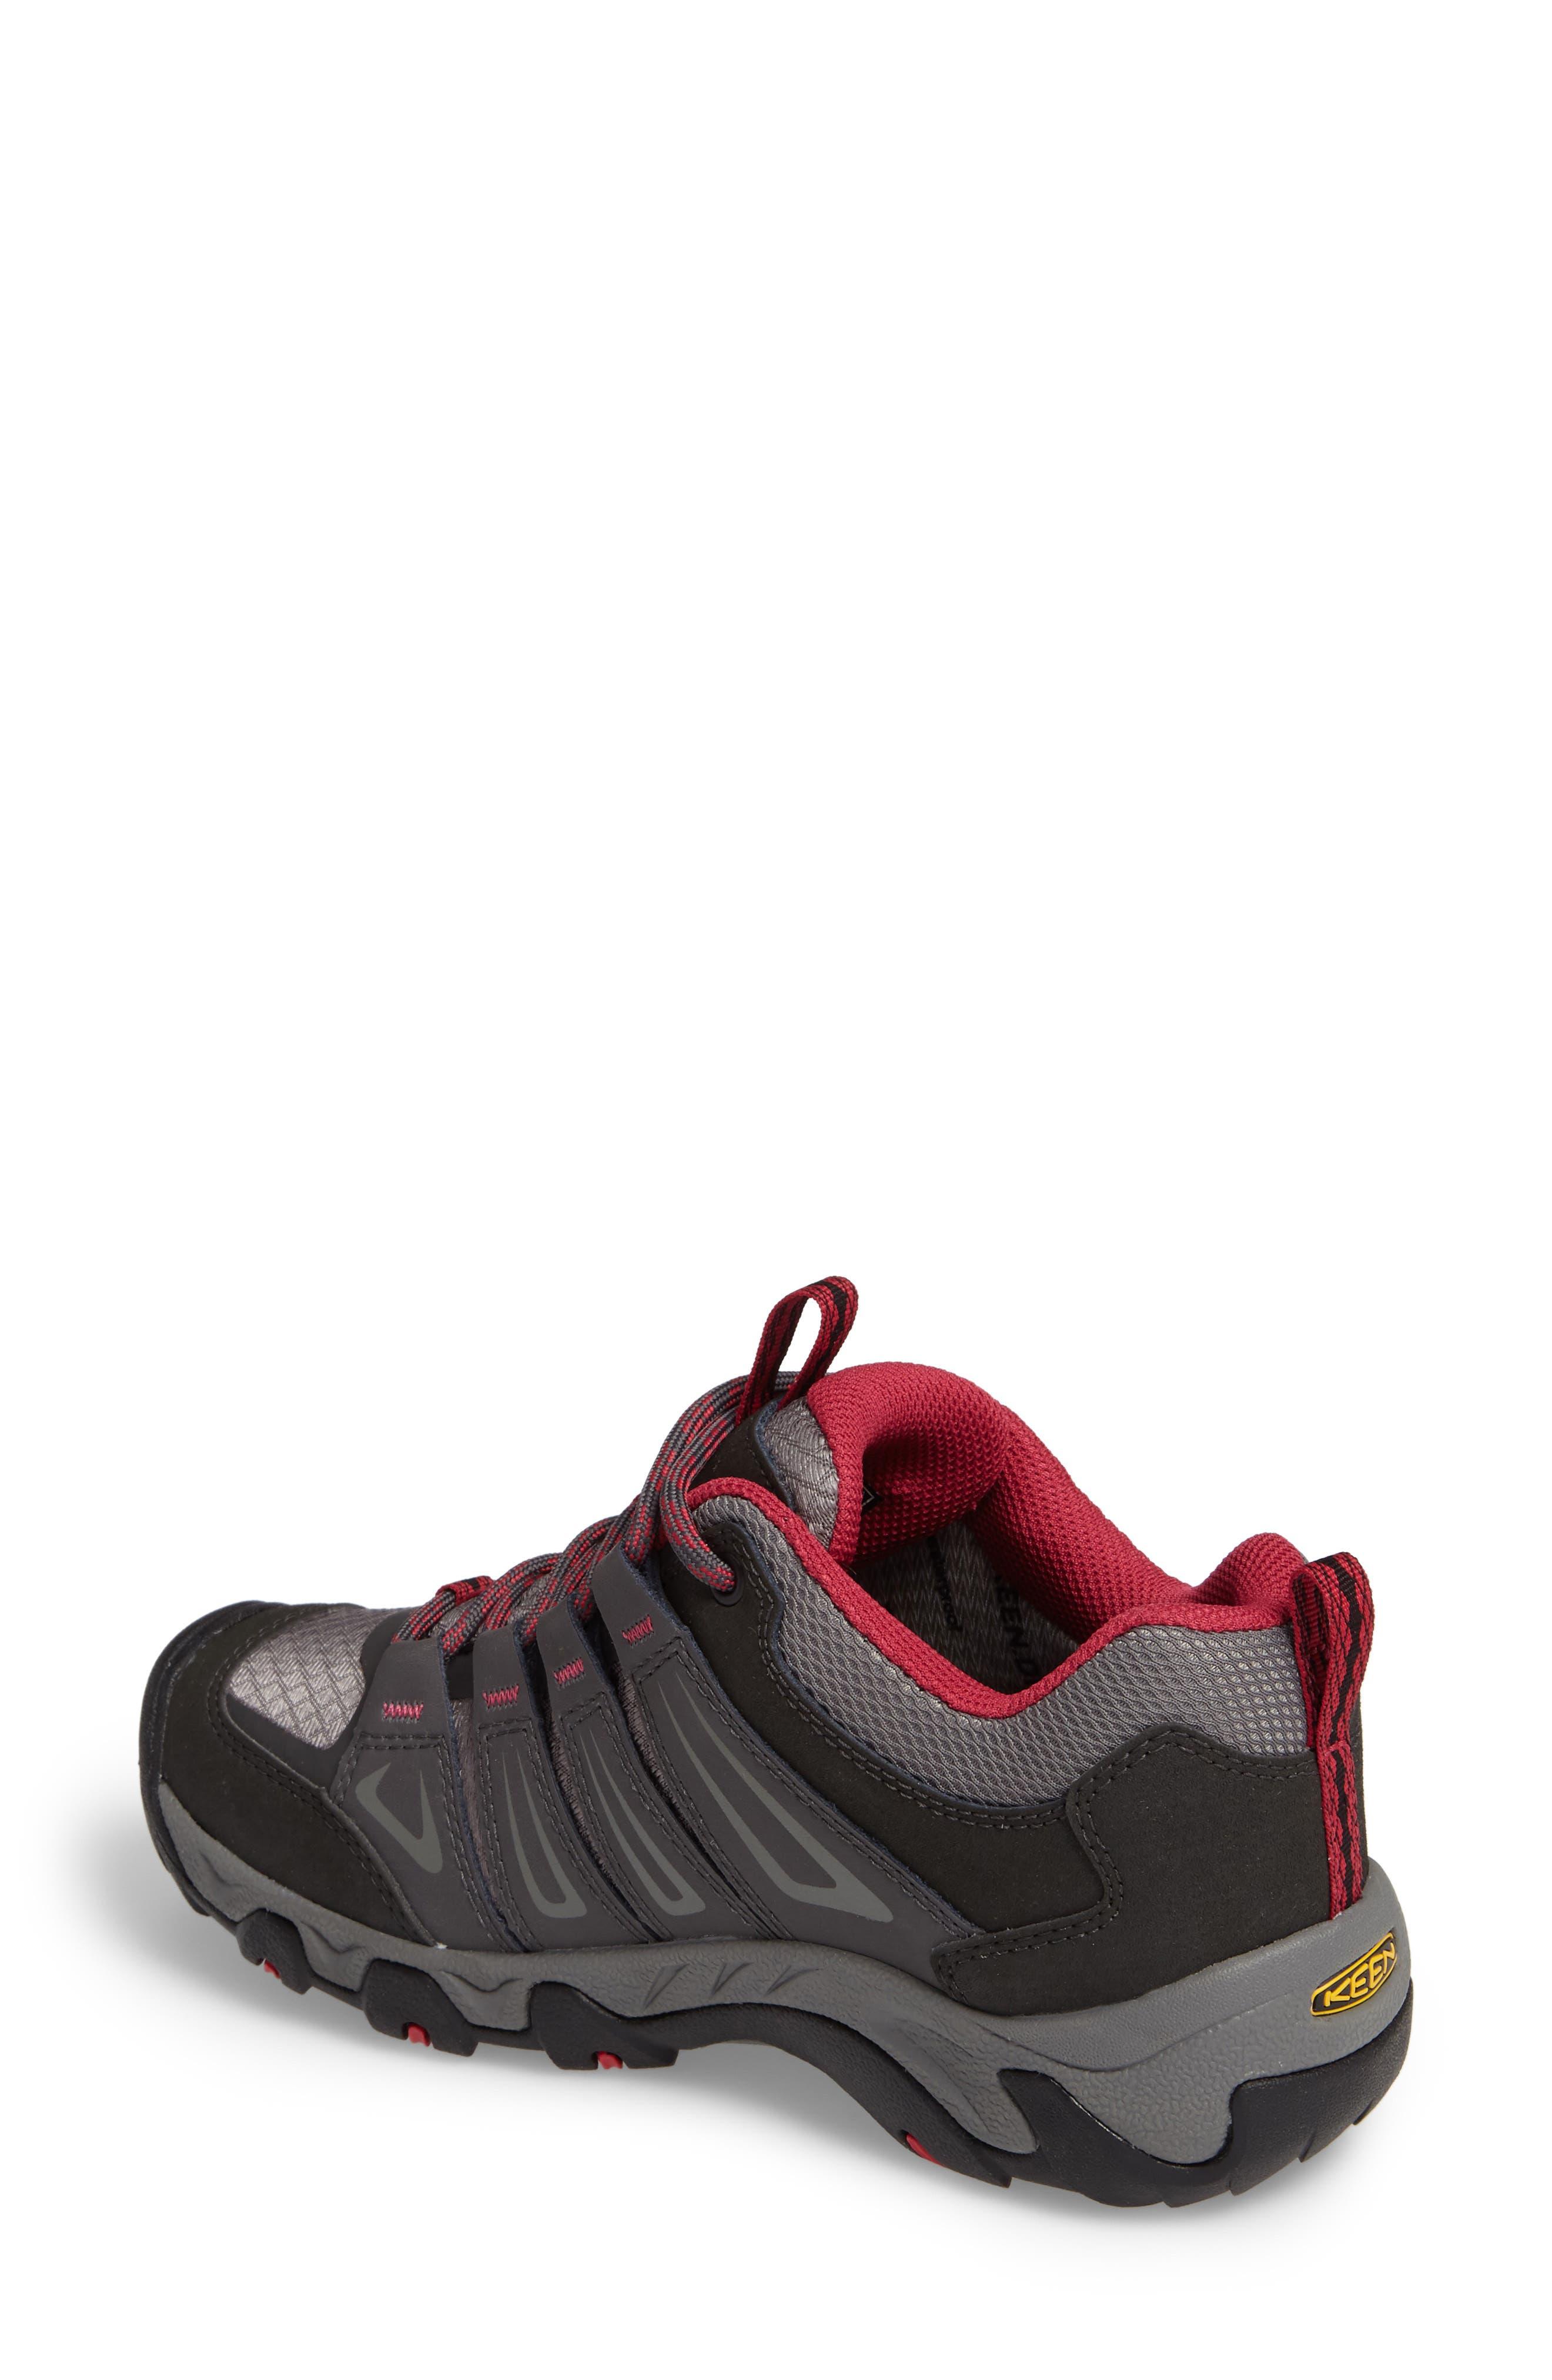 Alternate Image 2  - Keen Oakridge Waterproof Hiking Shoe (Women)